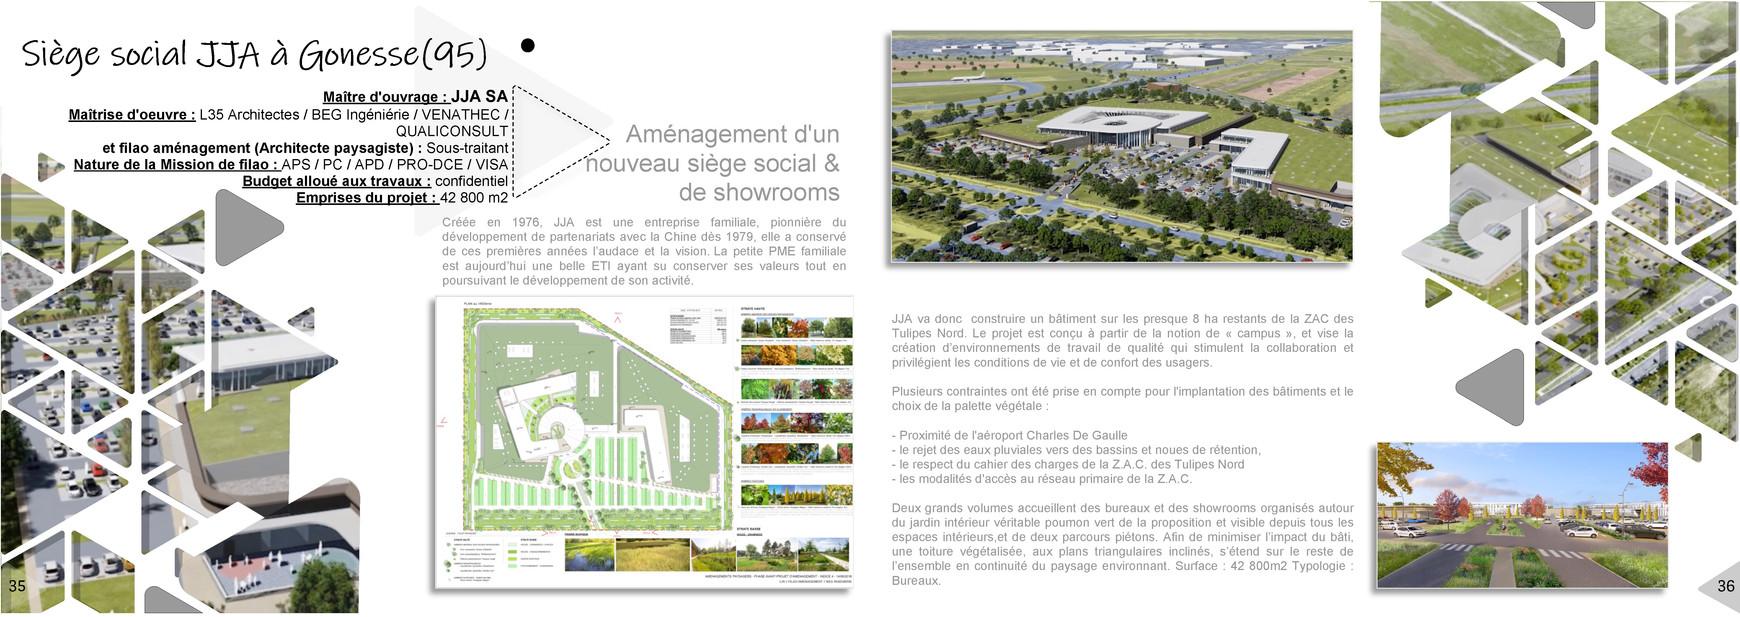 Nouveau siège social de JJA à Gonesse (95)